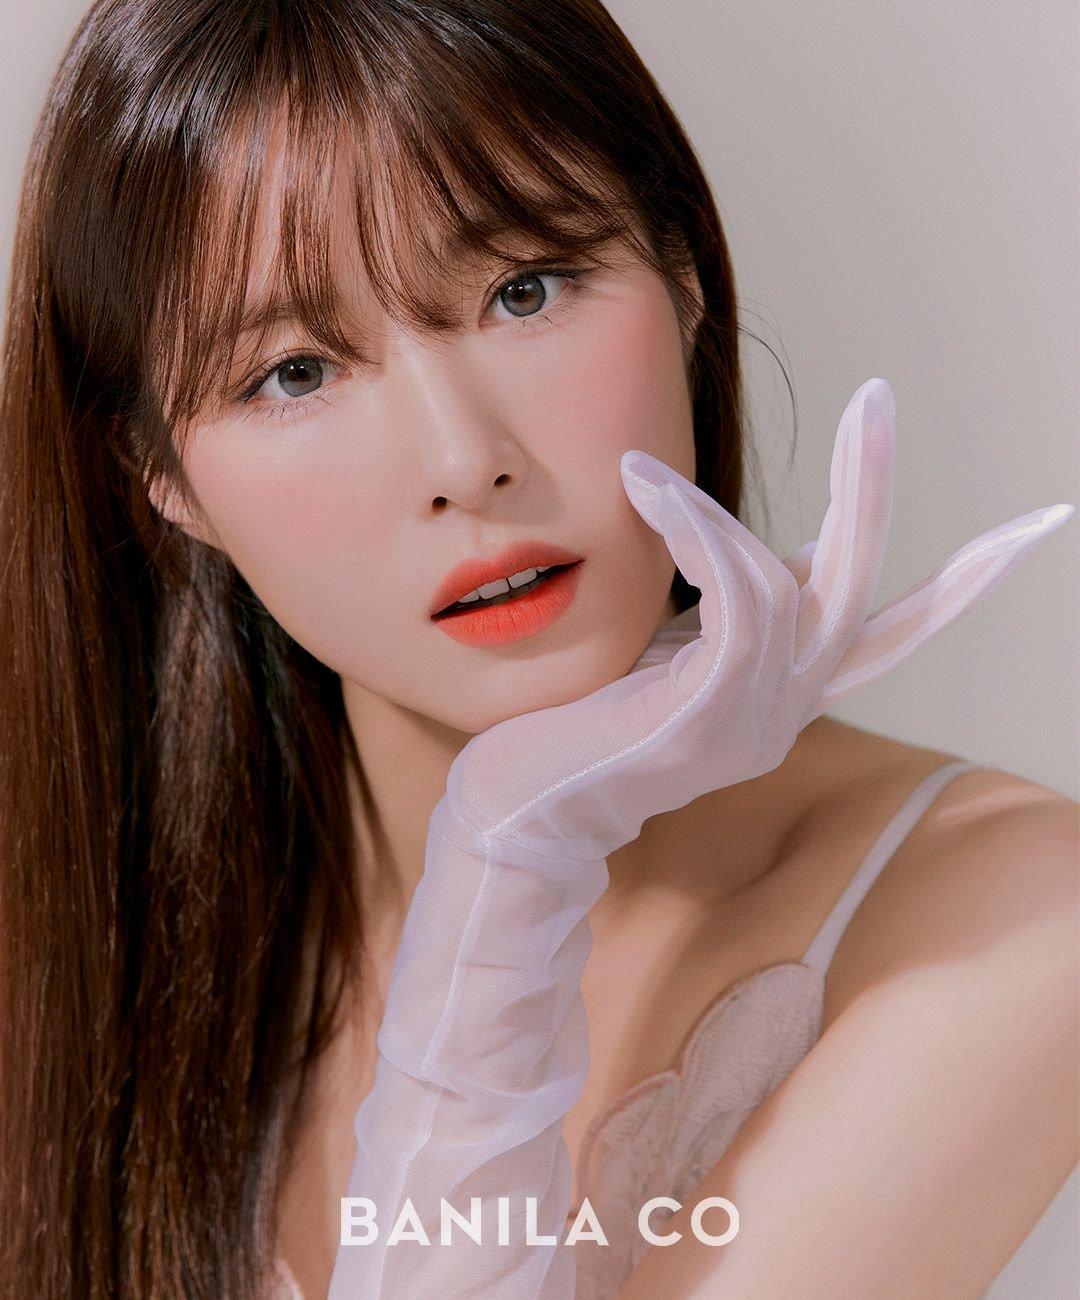 Điểm danh những mỹ nhân Hàn đang quảng cáo mỹ phẩm - 16